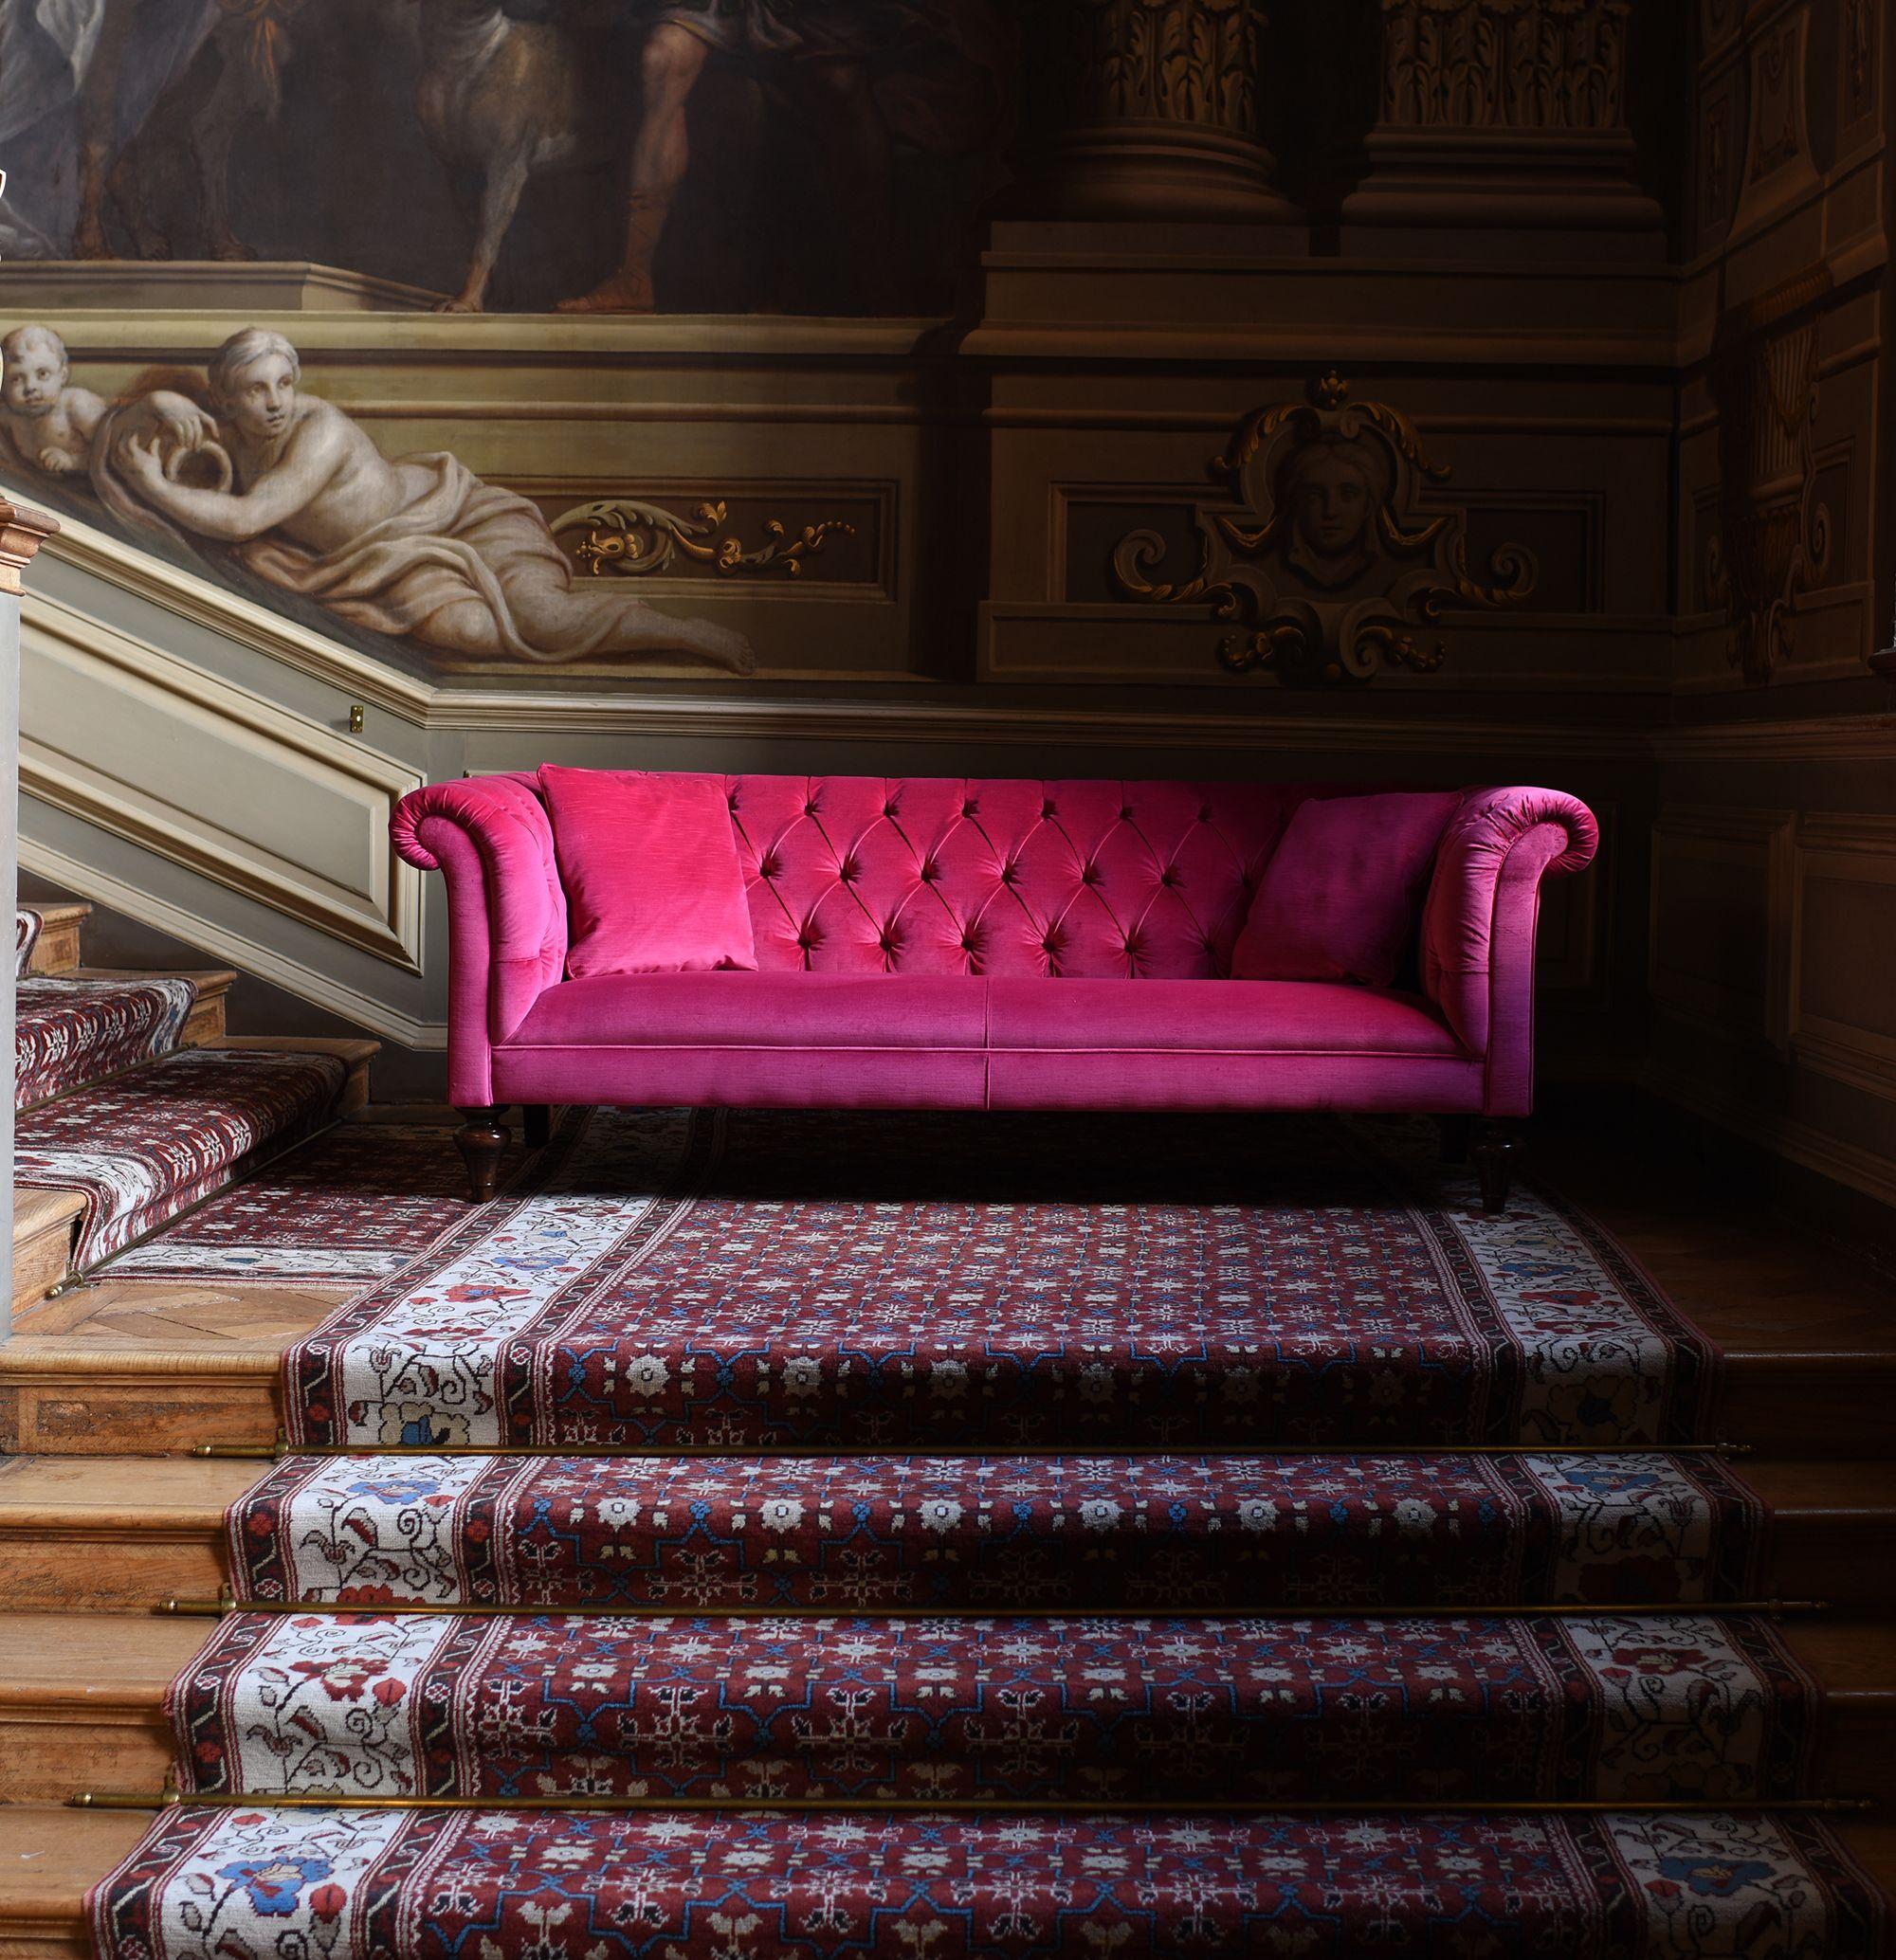 The Camden sofa in Cerise Velvet A beautiful pink velvet